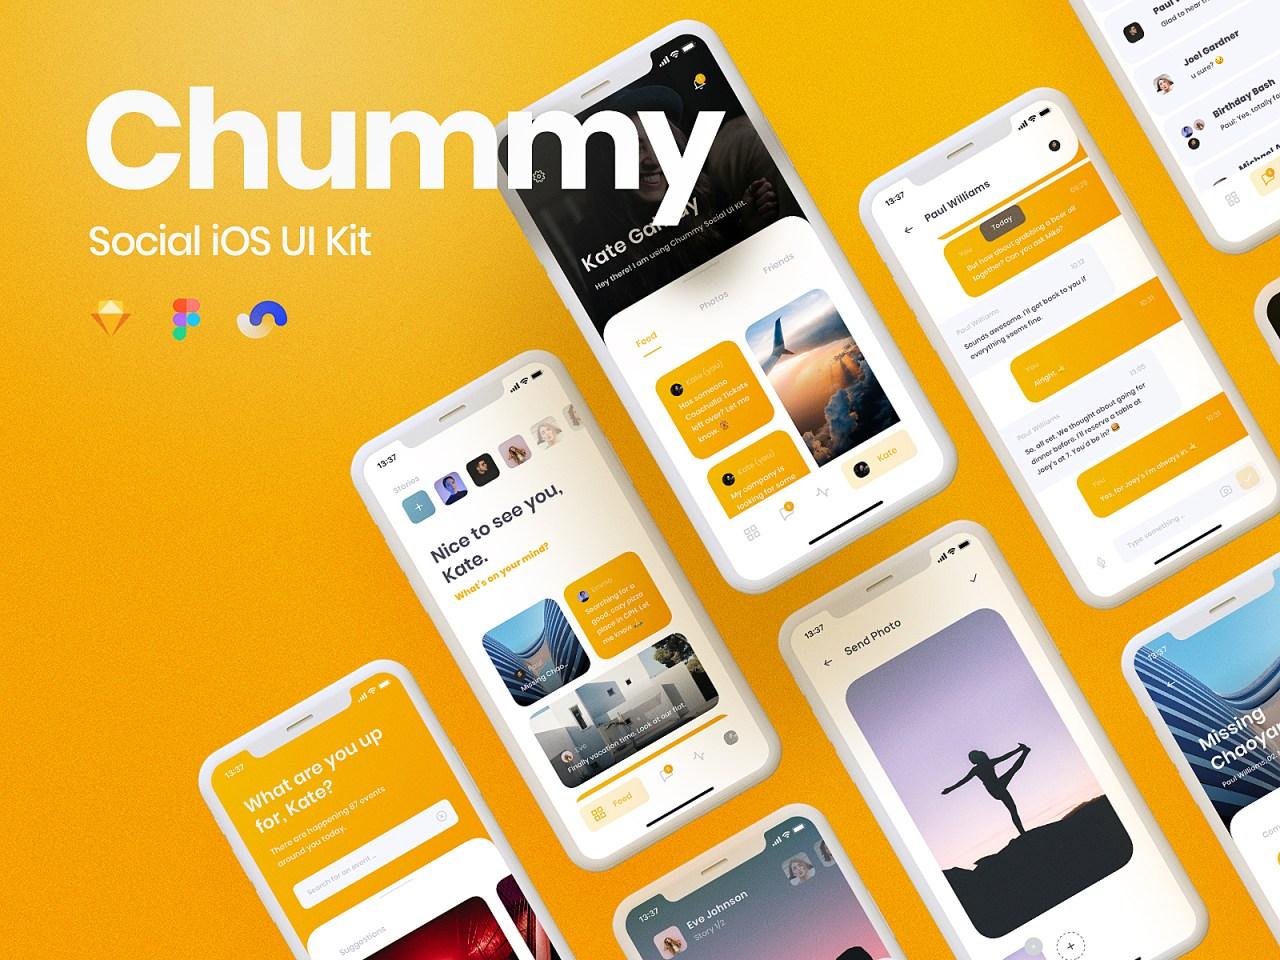 Chummy Social iOS UI Kit – Набор пользовательских интерфейсов iOS для социальных сетей основанный на системе дизайна Shift